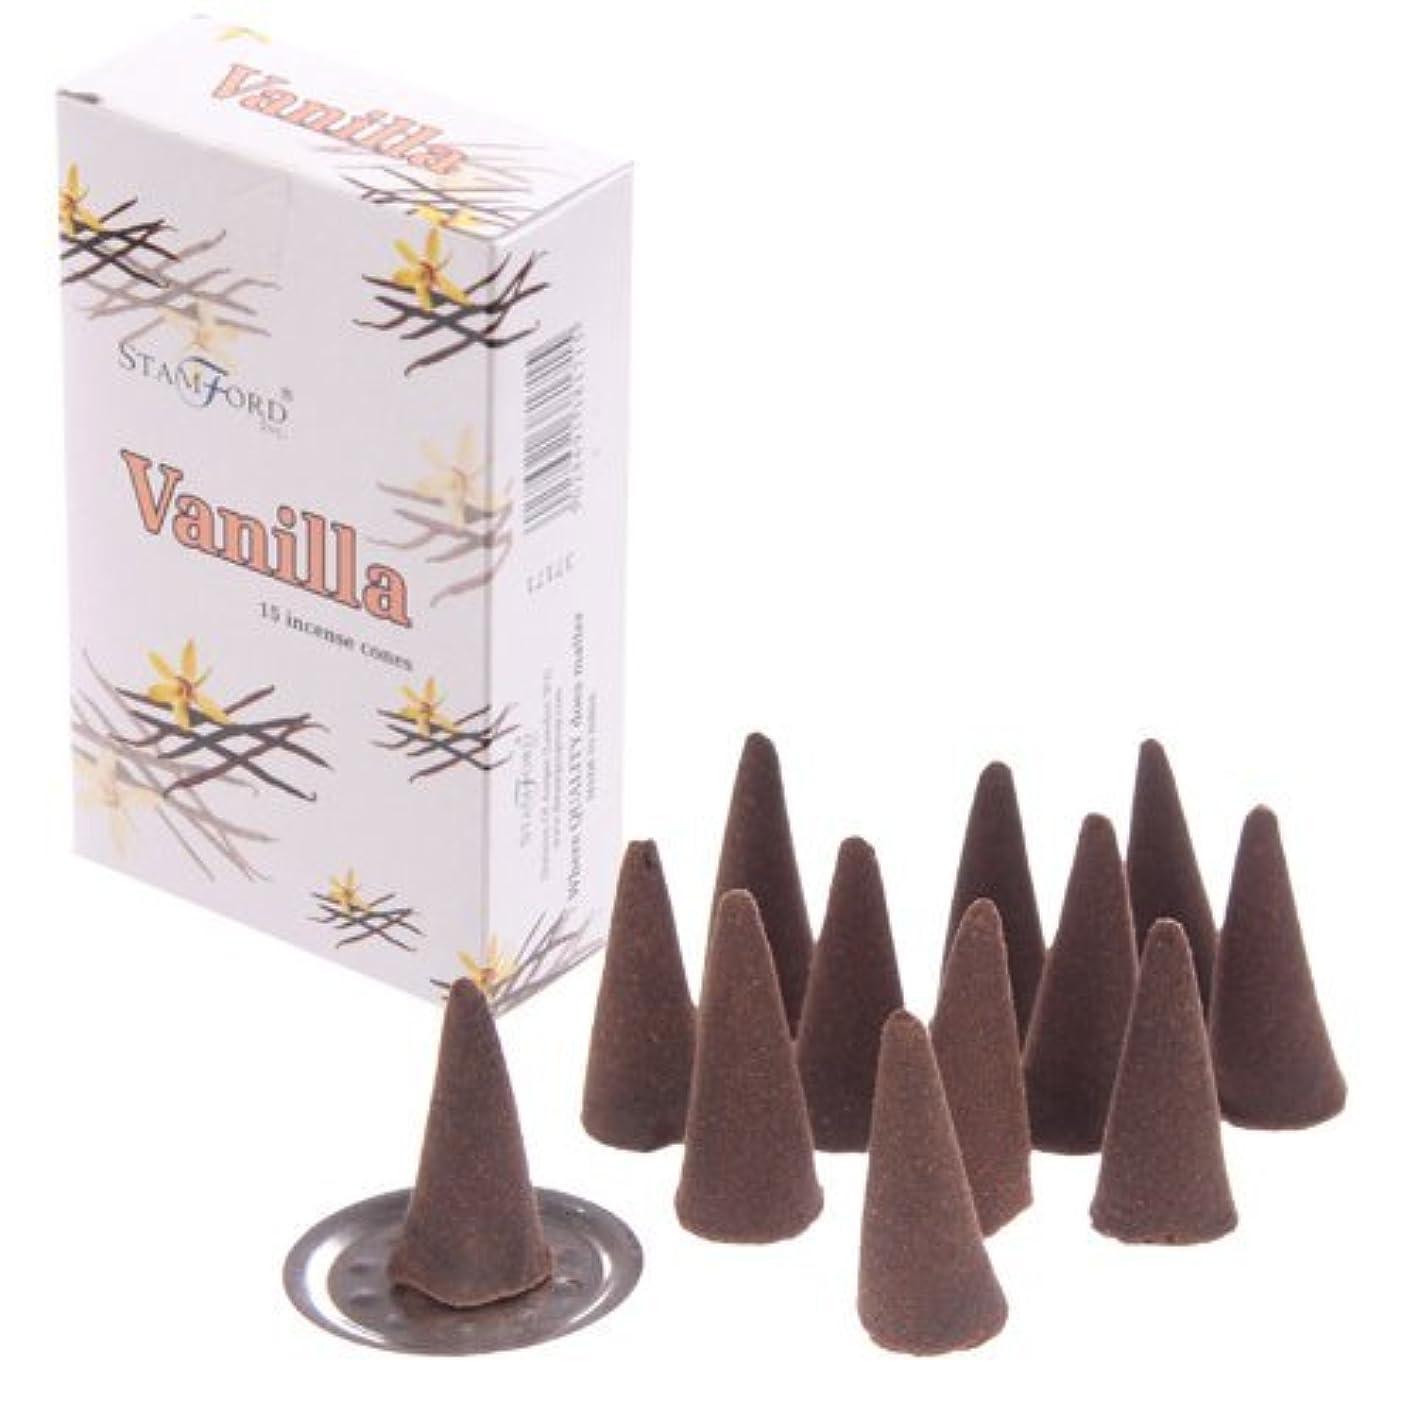 支援する砂利カールStamford Incense Cones - Vanilla 37171 by Puckator [並行輸入品]